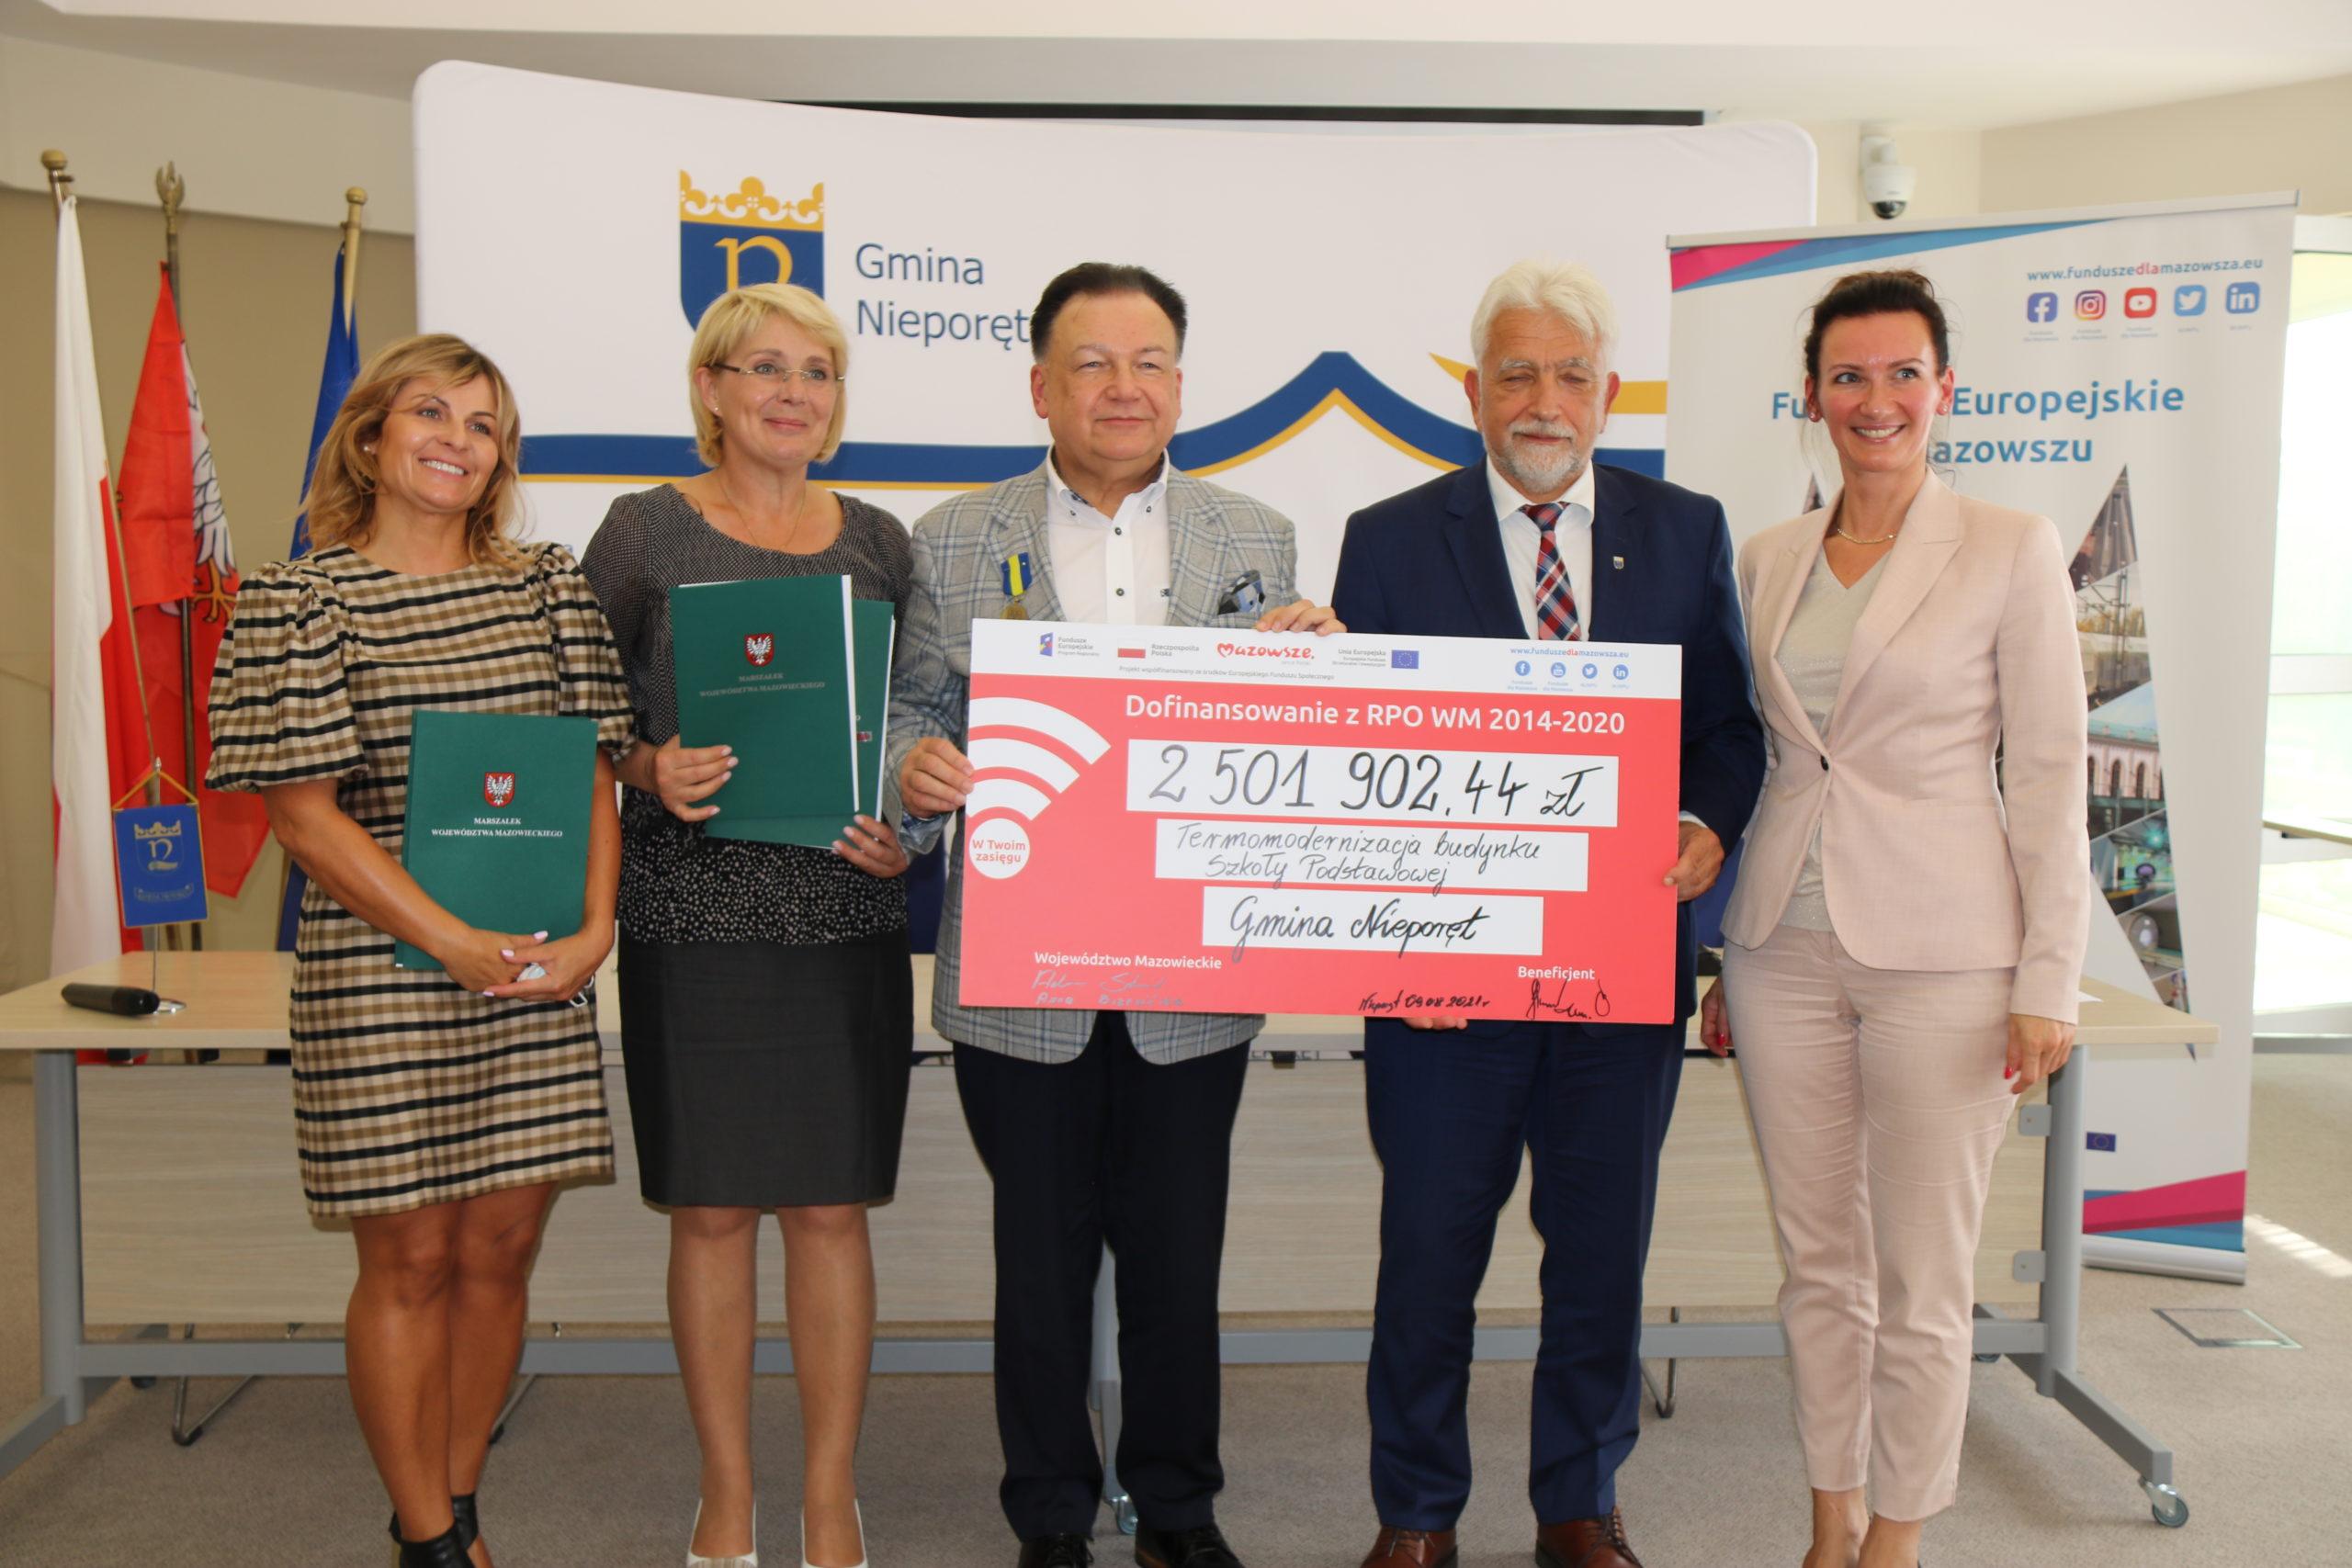 Uczestnicy z pamiątkowym czekiem na kwotę ponad 2,5 mln zł na remont szkoły podstawowej w Stanisławowie Pierwszym